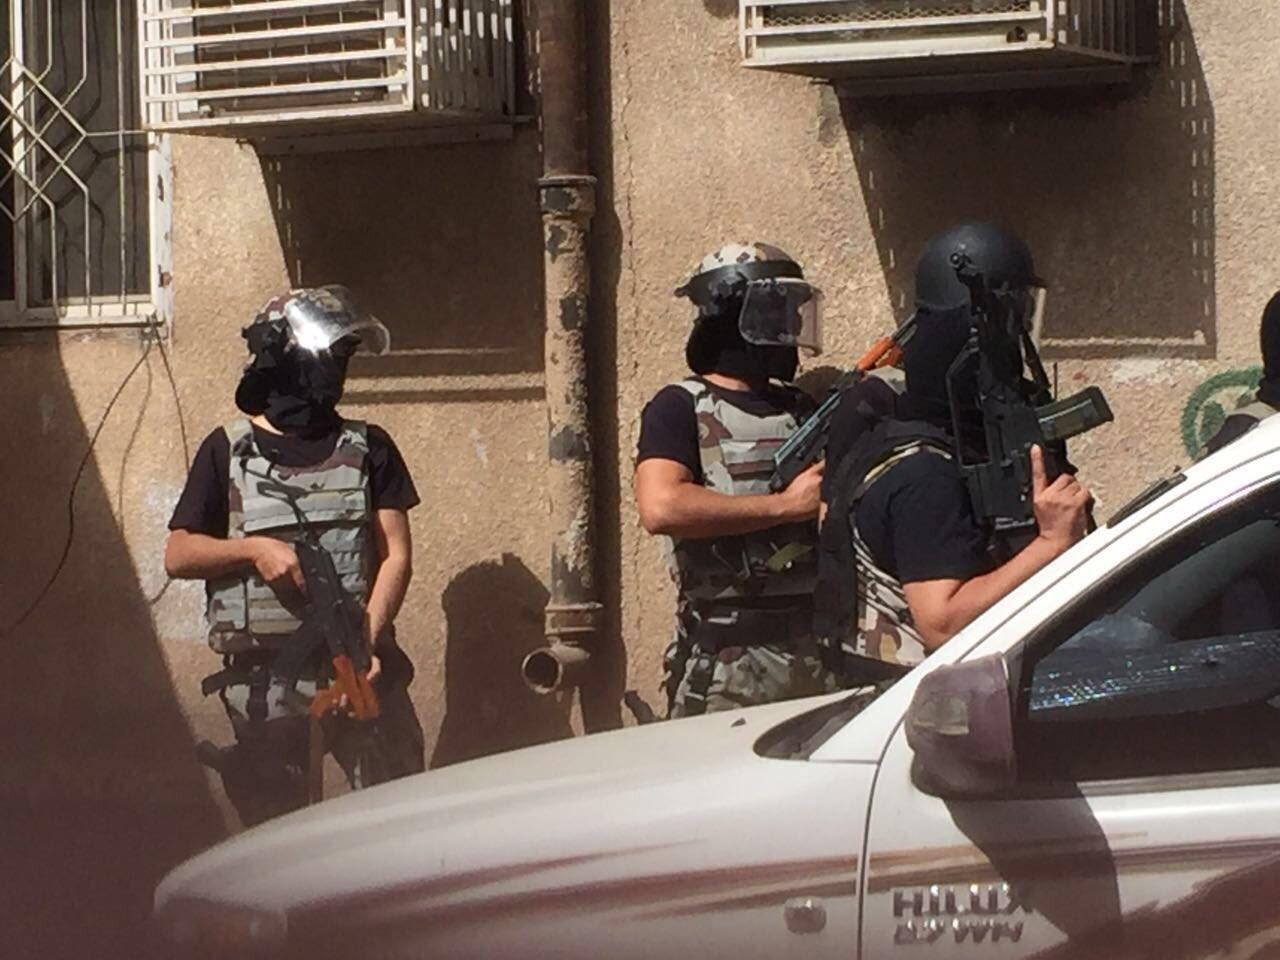 بالفيديو والصور عملية المداهمة لـ 3 ارهابيين بالمدينة المنورة